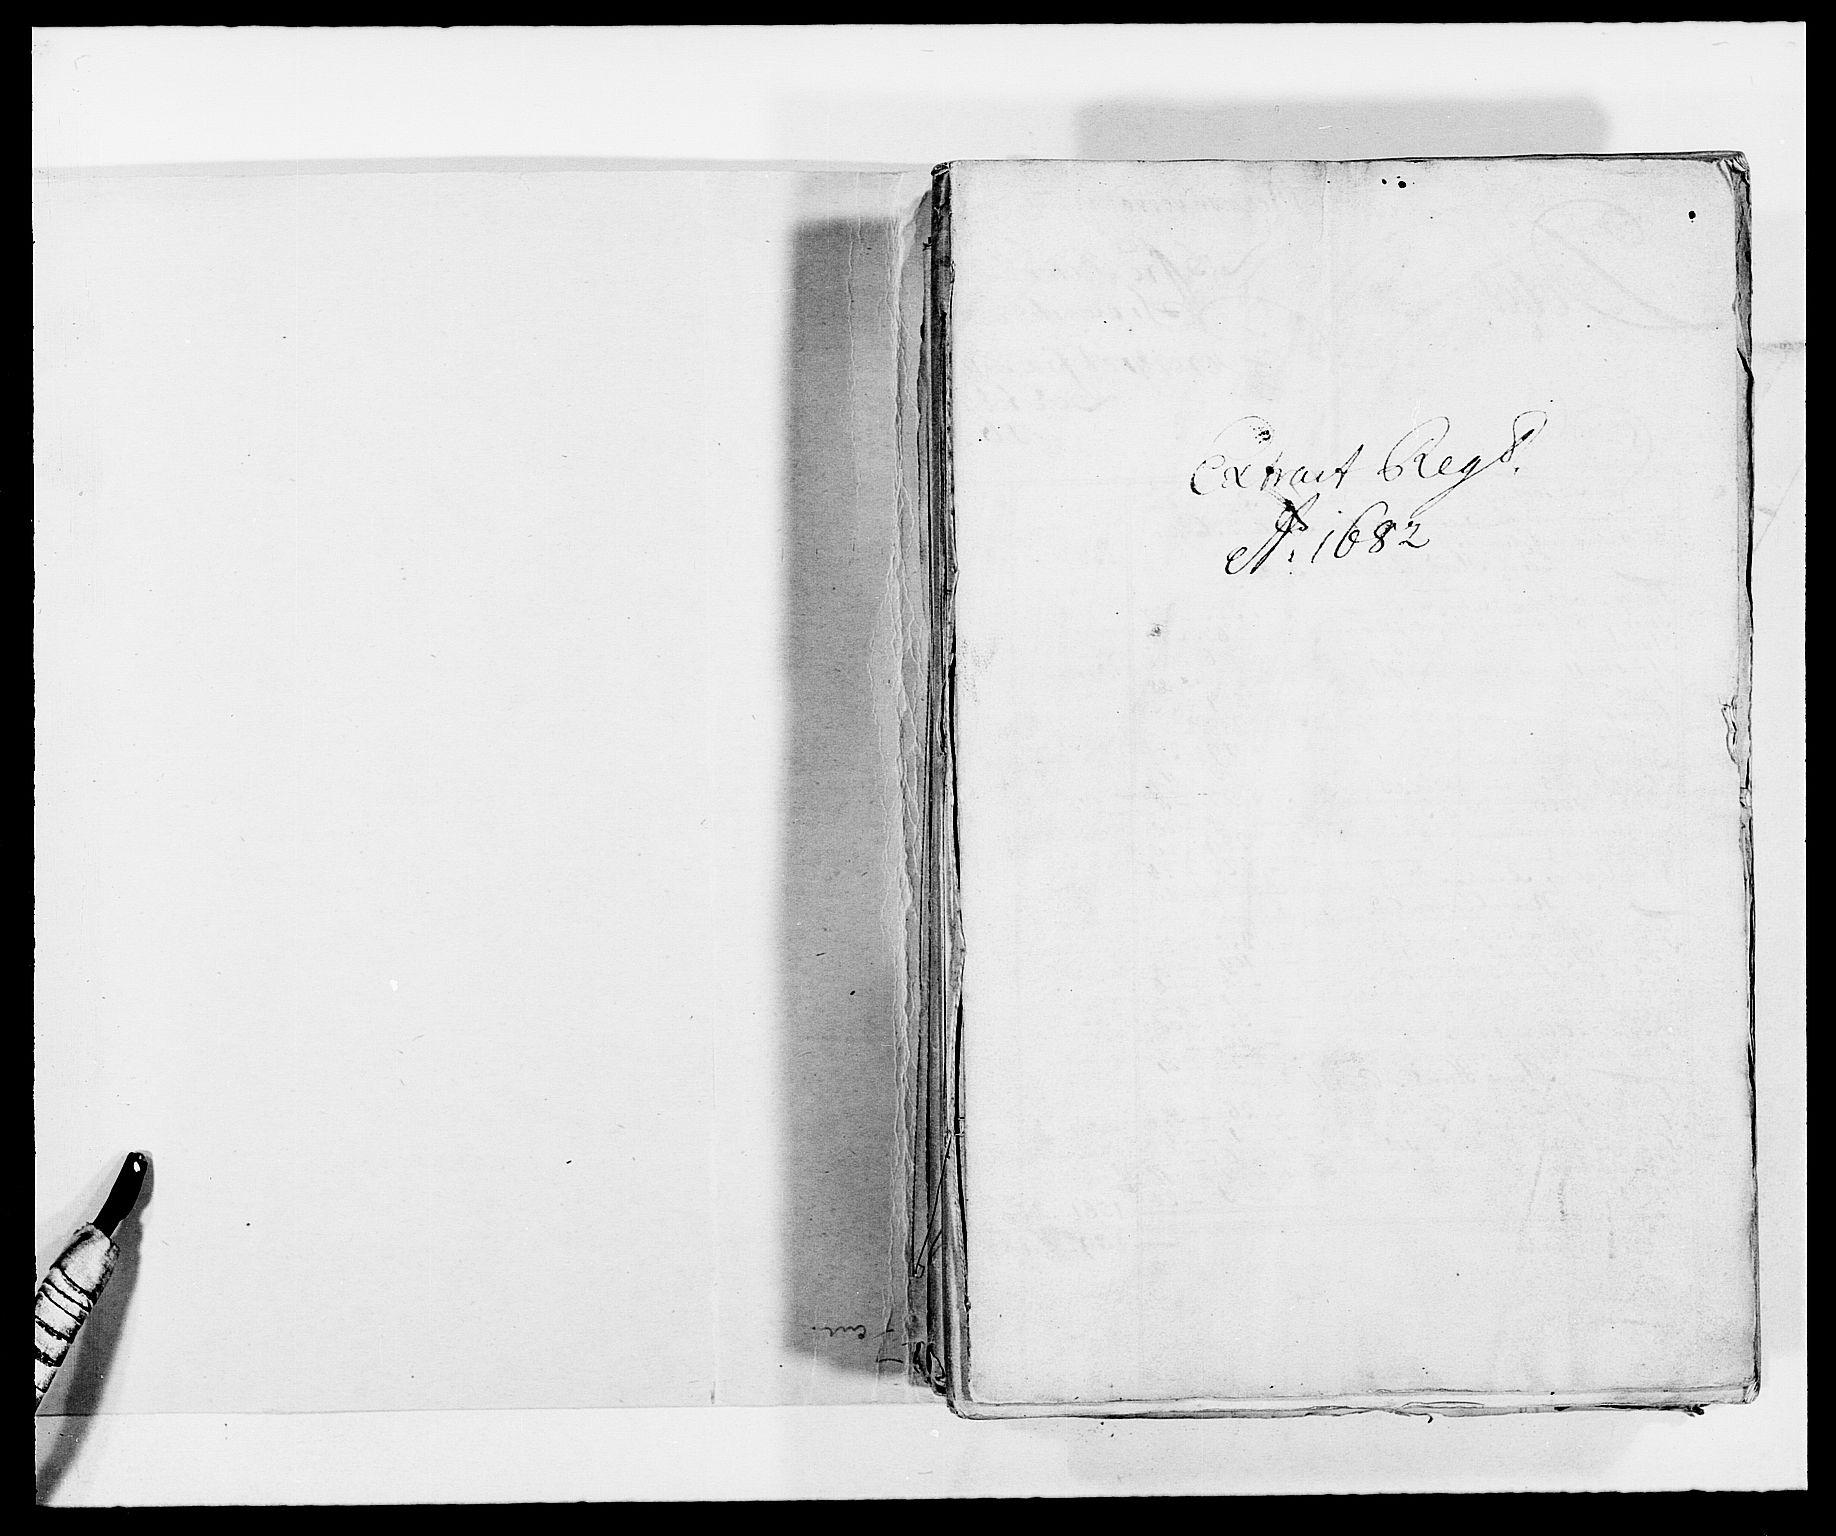 RA, Rentekammeret inntil 1814, Reviderte regnskaper, Fogderegnskap, R12/L0697: Fogderegnskap Øvre Romerike, 1682-1683, s. 2